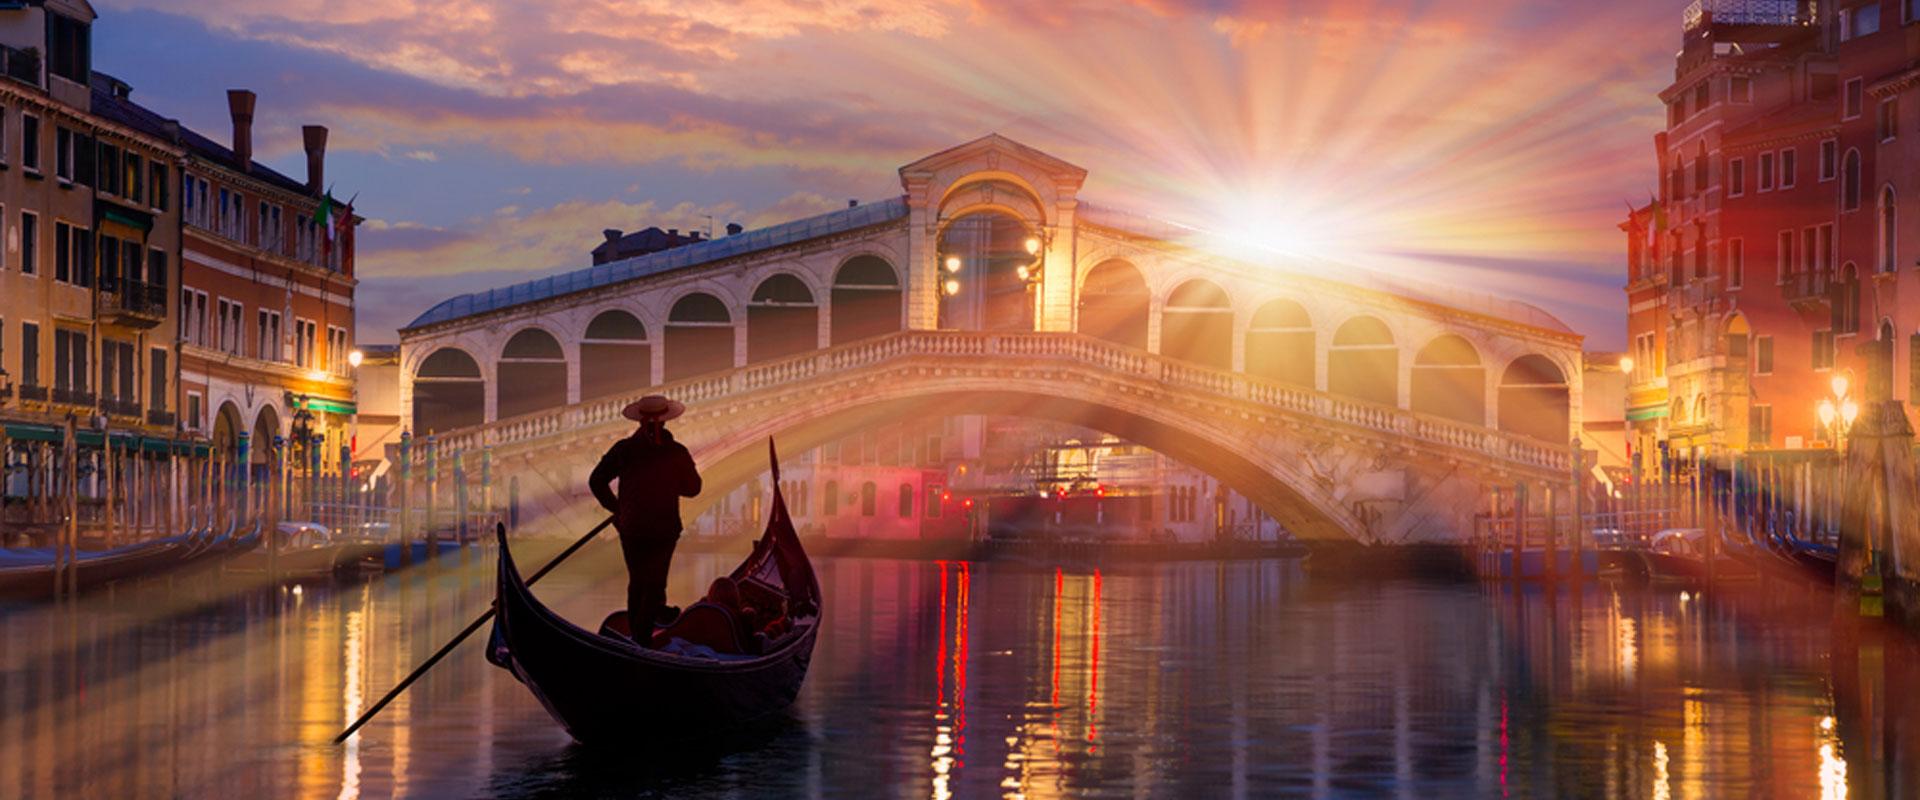 Love & Death in Venice Nov. 25th to 28th